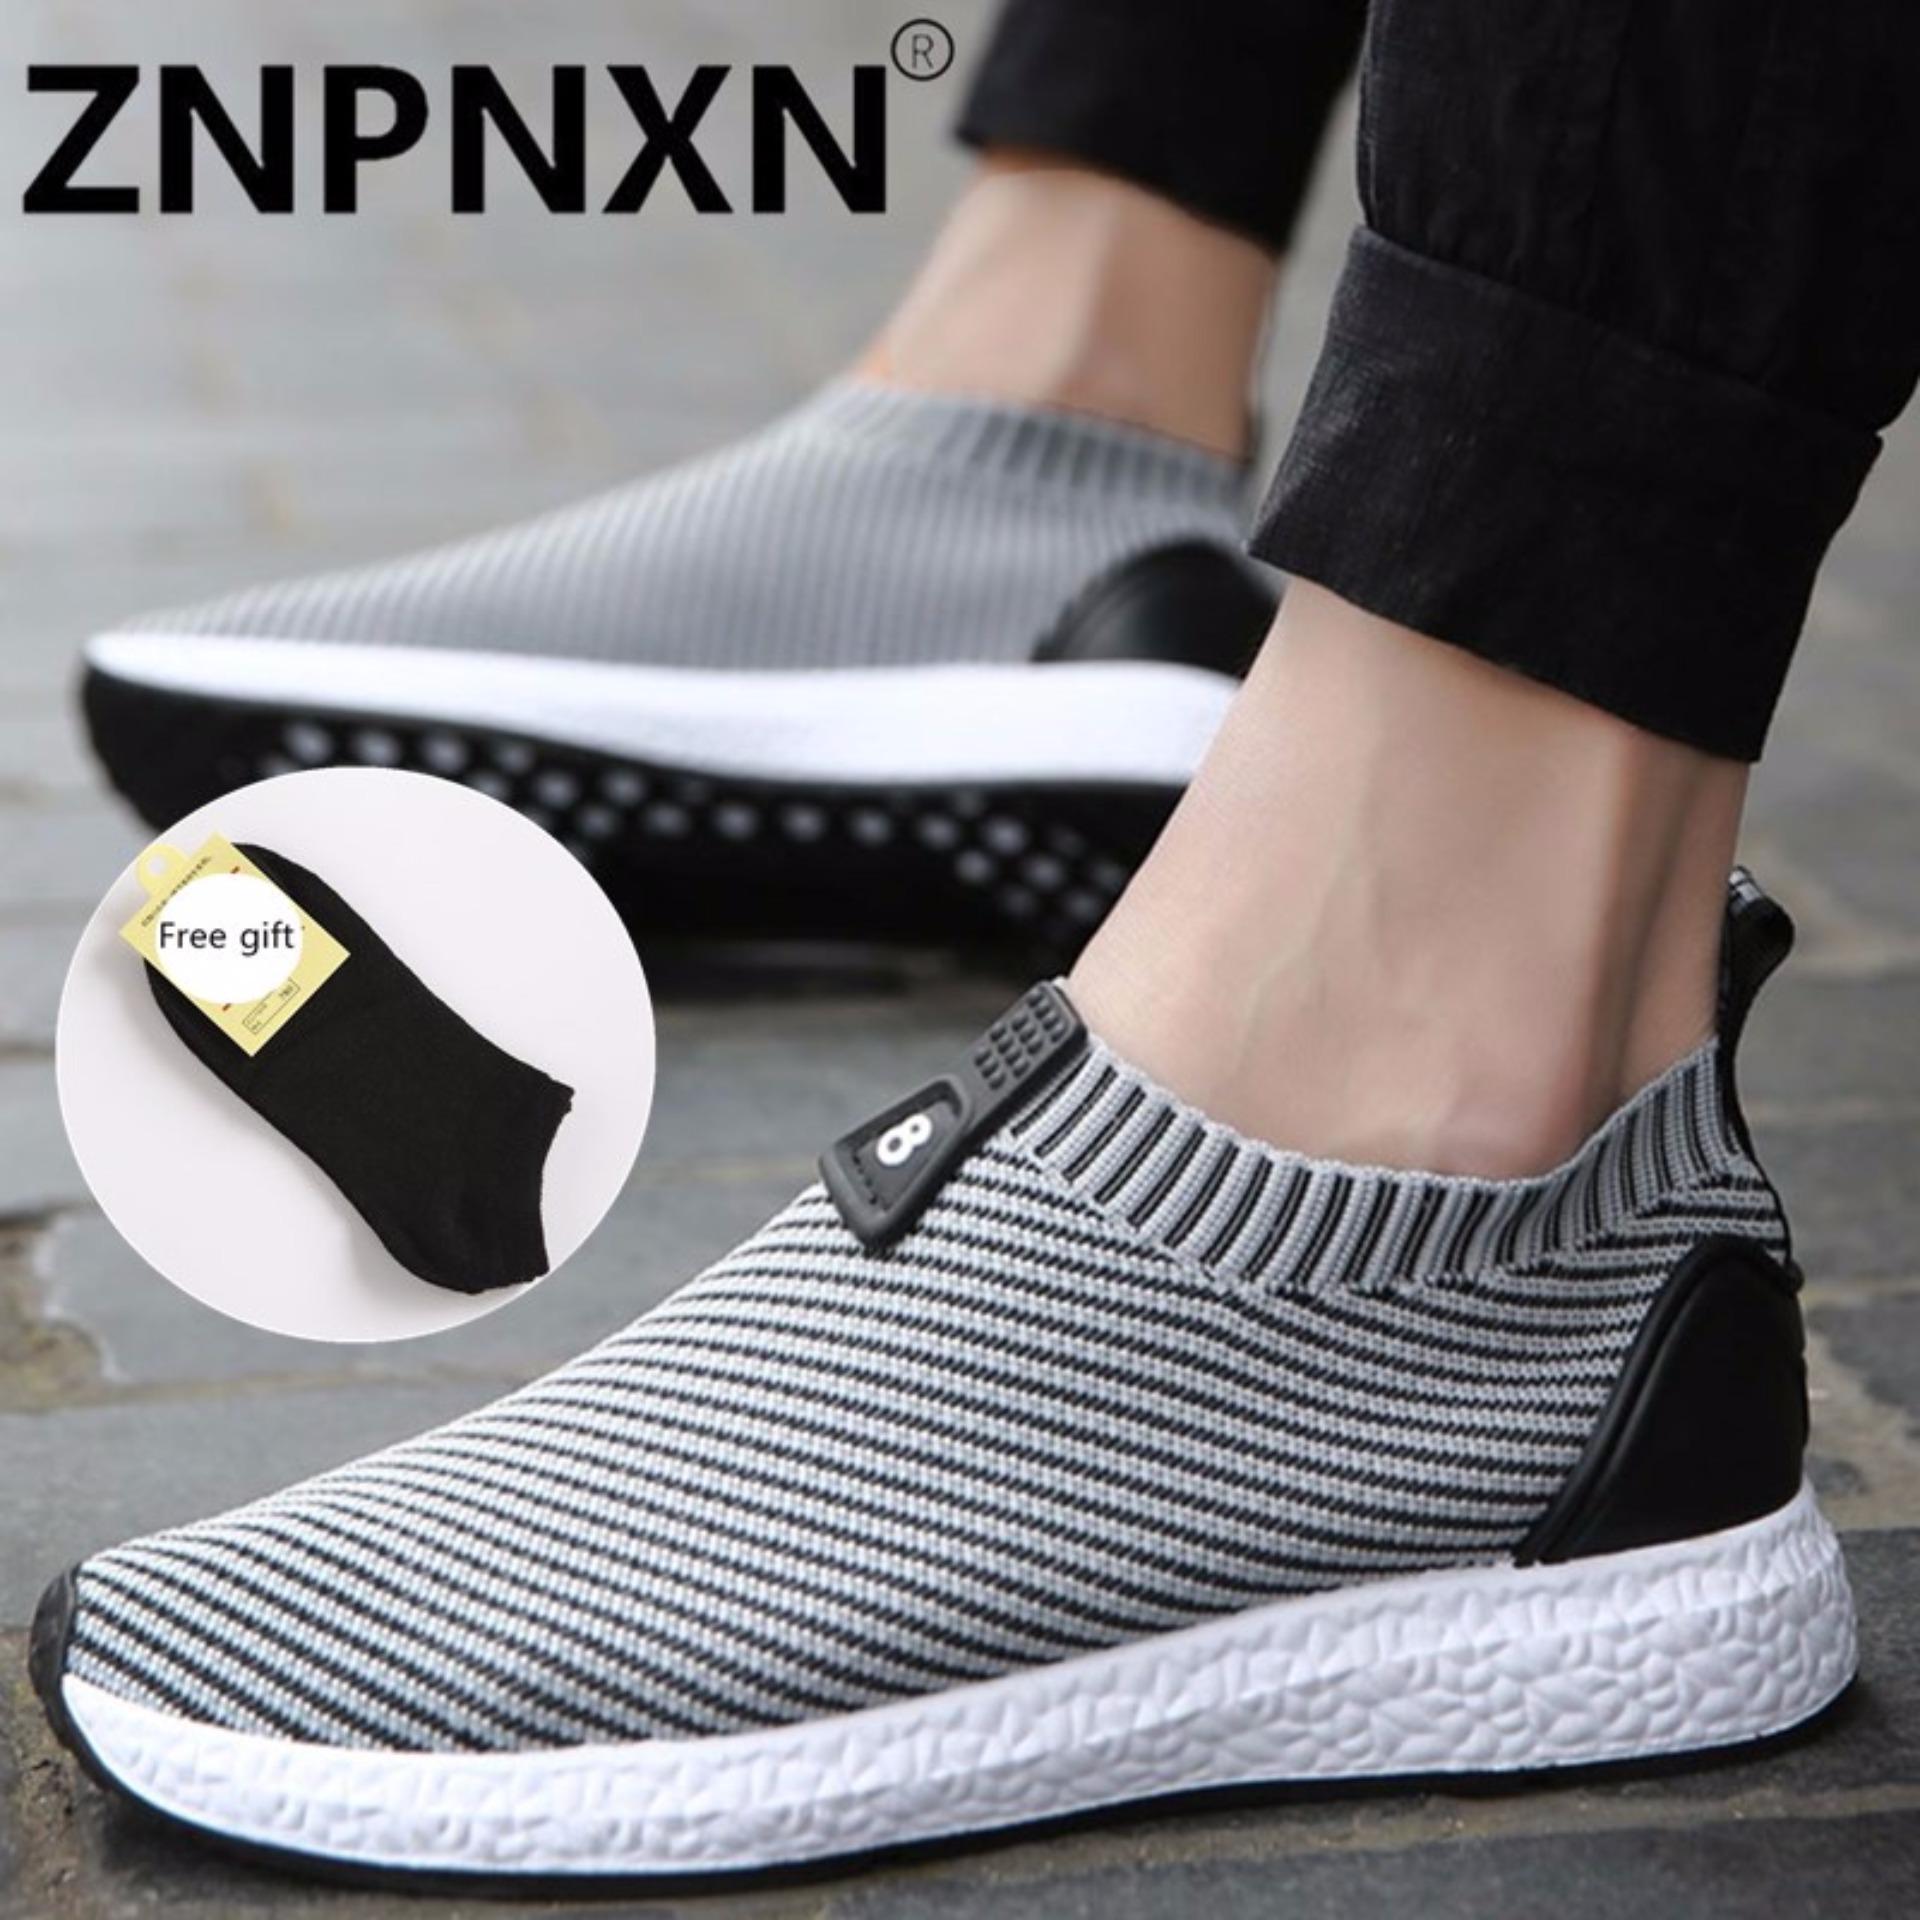 Spesifikasi Znpnxn Kaus Menjalankan Sepatu Untuk Pria Mesh Bernapas Olahraga Sepatu Sneakers Pria Kenyamanan Cahaya Sepatu Olahraga Grey Intl Murah